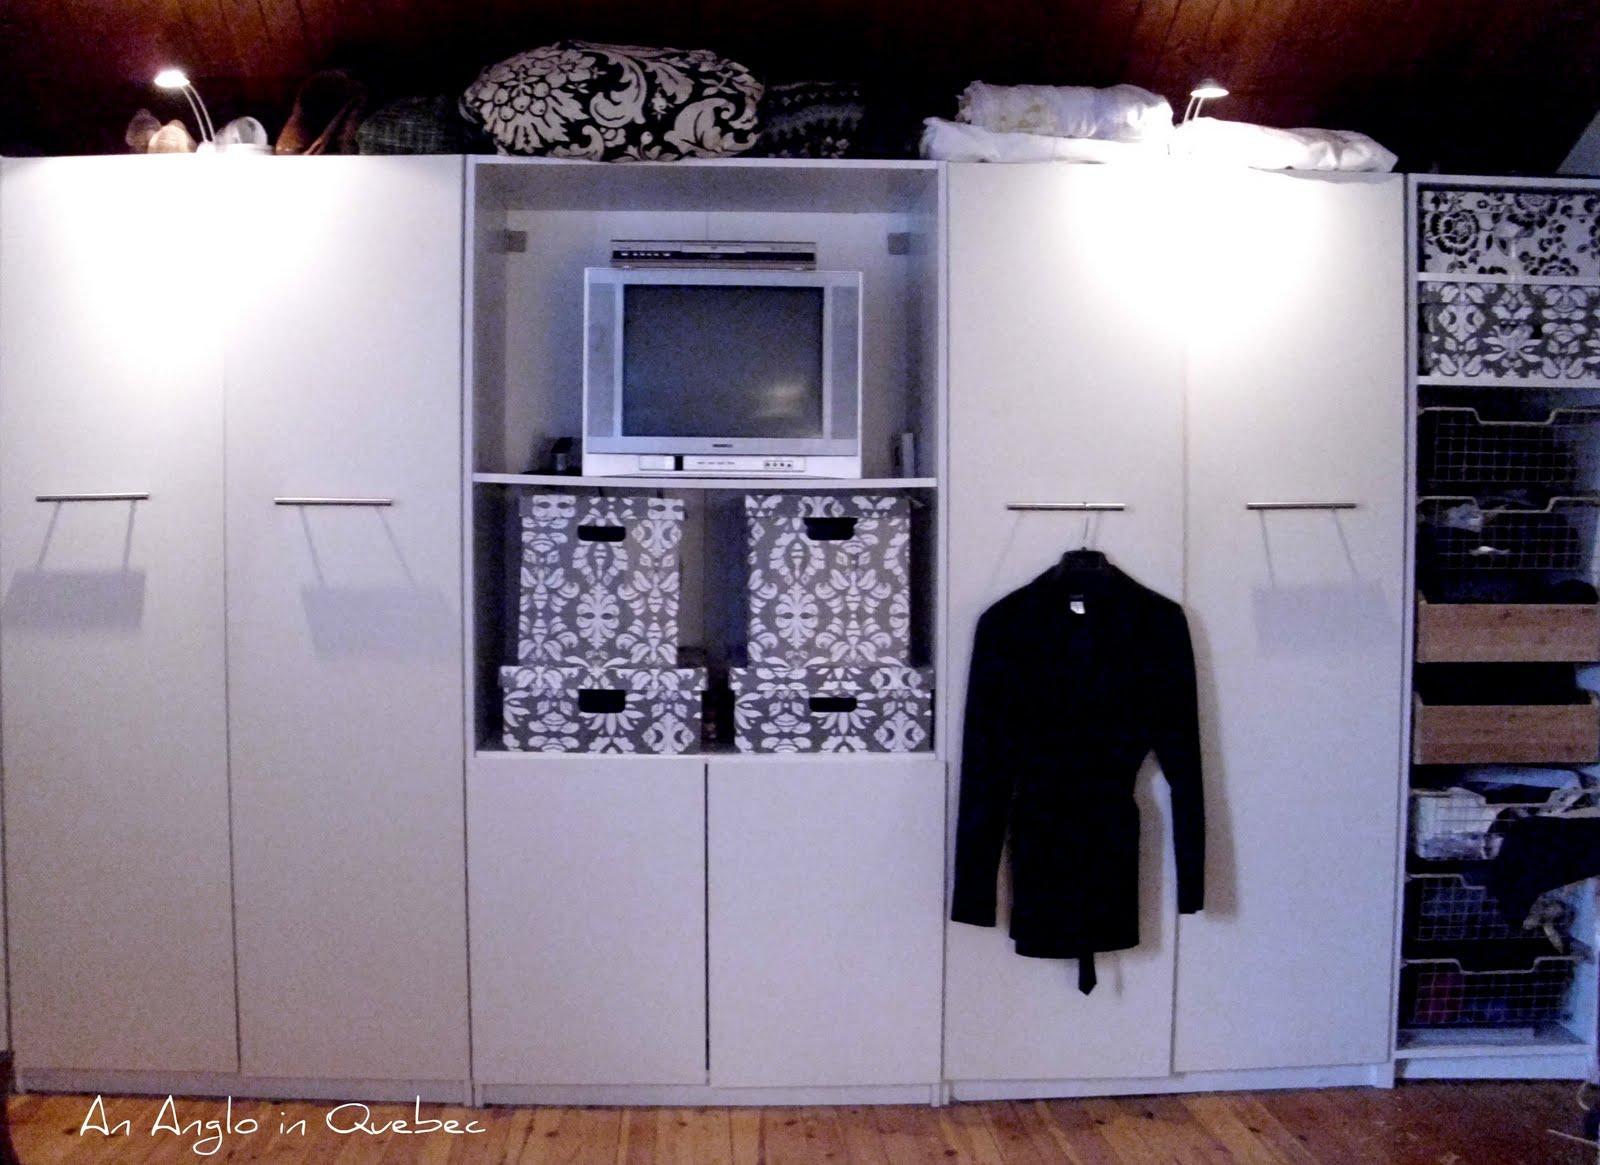 http://1.bp.blogspot.com/-77wo8C6C1D8/TdVApB9D44I/AAAAAAAABBc/pRMBy11y_f8/s1600/bedroompaxreno.jpg